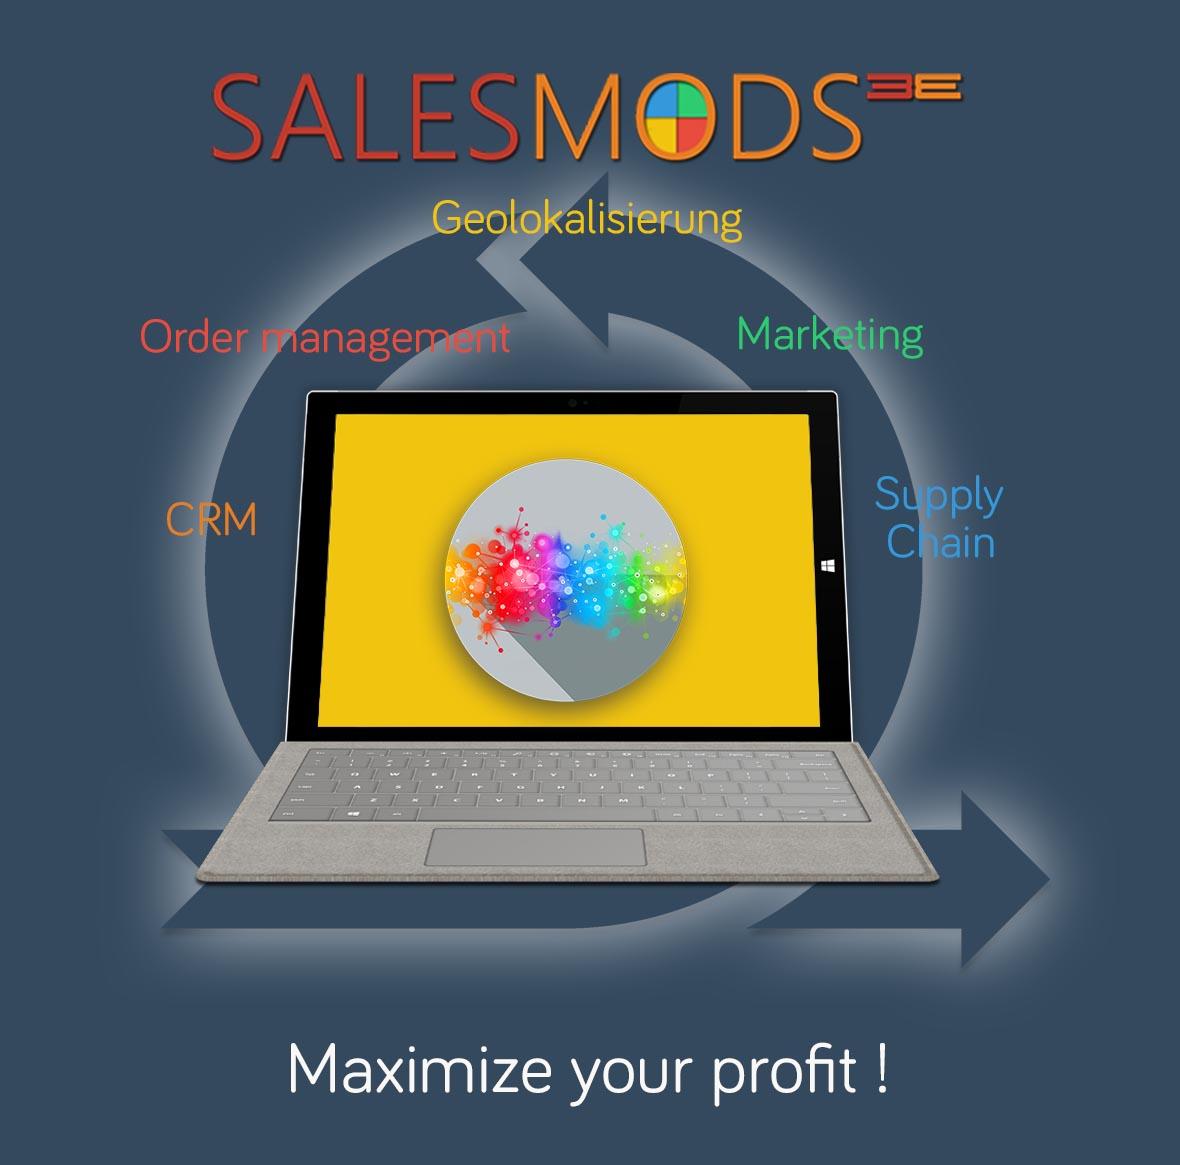 Mehr Informationen über Ihre individuellen Microapps in SalesMods 3E: integrieren Sie SalesMods 3E mit Ihren bestehenden Software Lösungen (ERP, CRM, etc.), um Ihren Kunden neue Information zu präsentieren, die die Kundenzufriedenheit und Ihre Verkäufe erhöhen